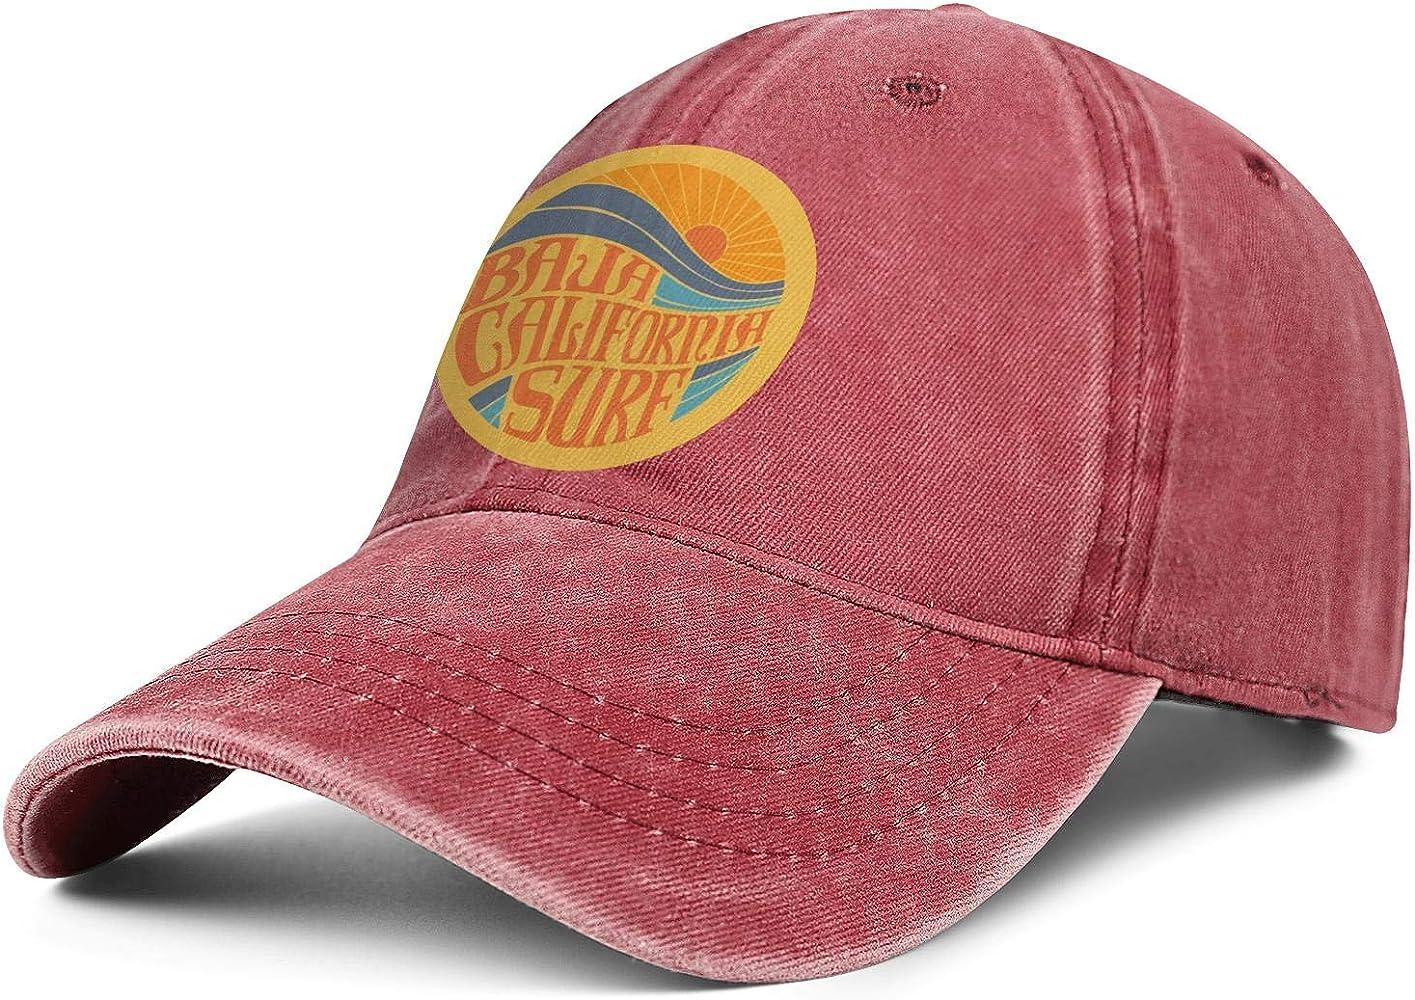 Baja California Surf - Gorra de Golf para Hombre y Mujer - - Talla ...